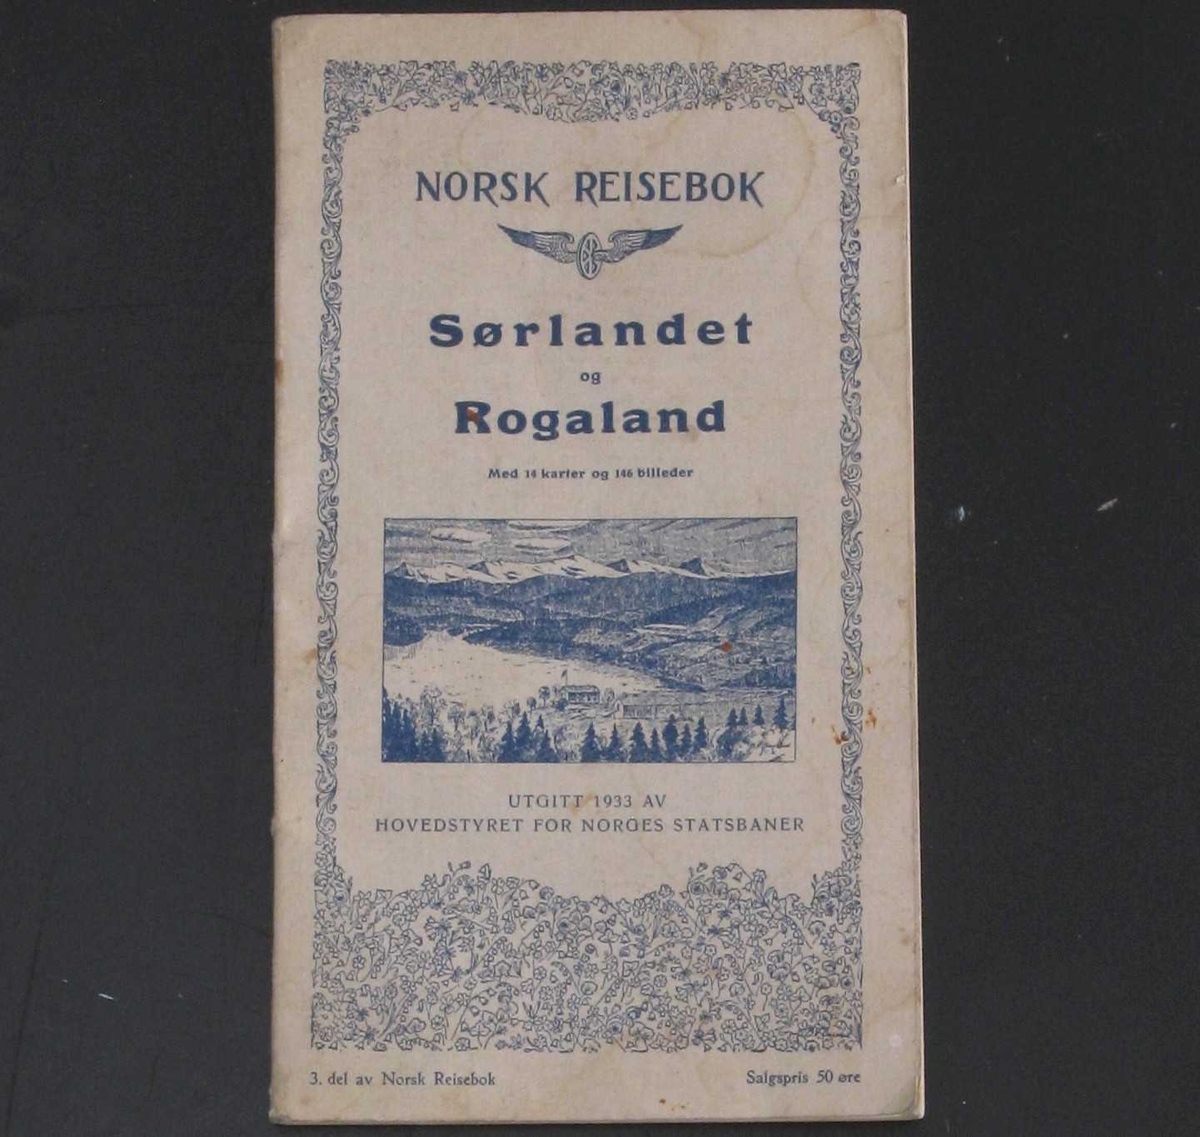 Inneholder mange fotografiske bilder, og kart som viser jernbanenettet slik det var da Sørlandsbanen ble bygd på tvers av de eksisterende banene.